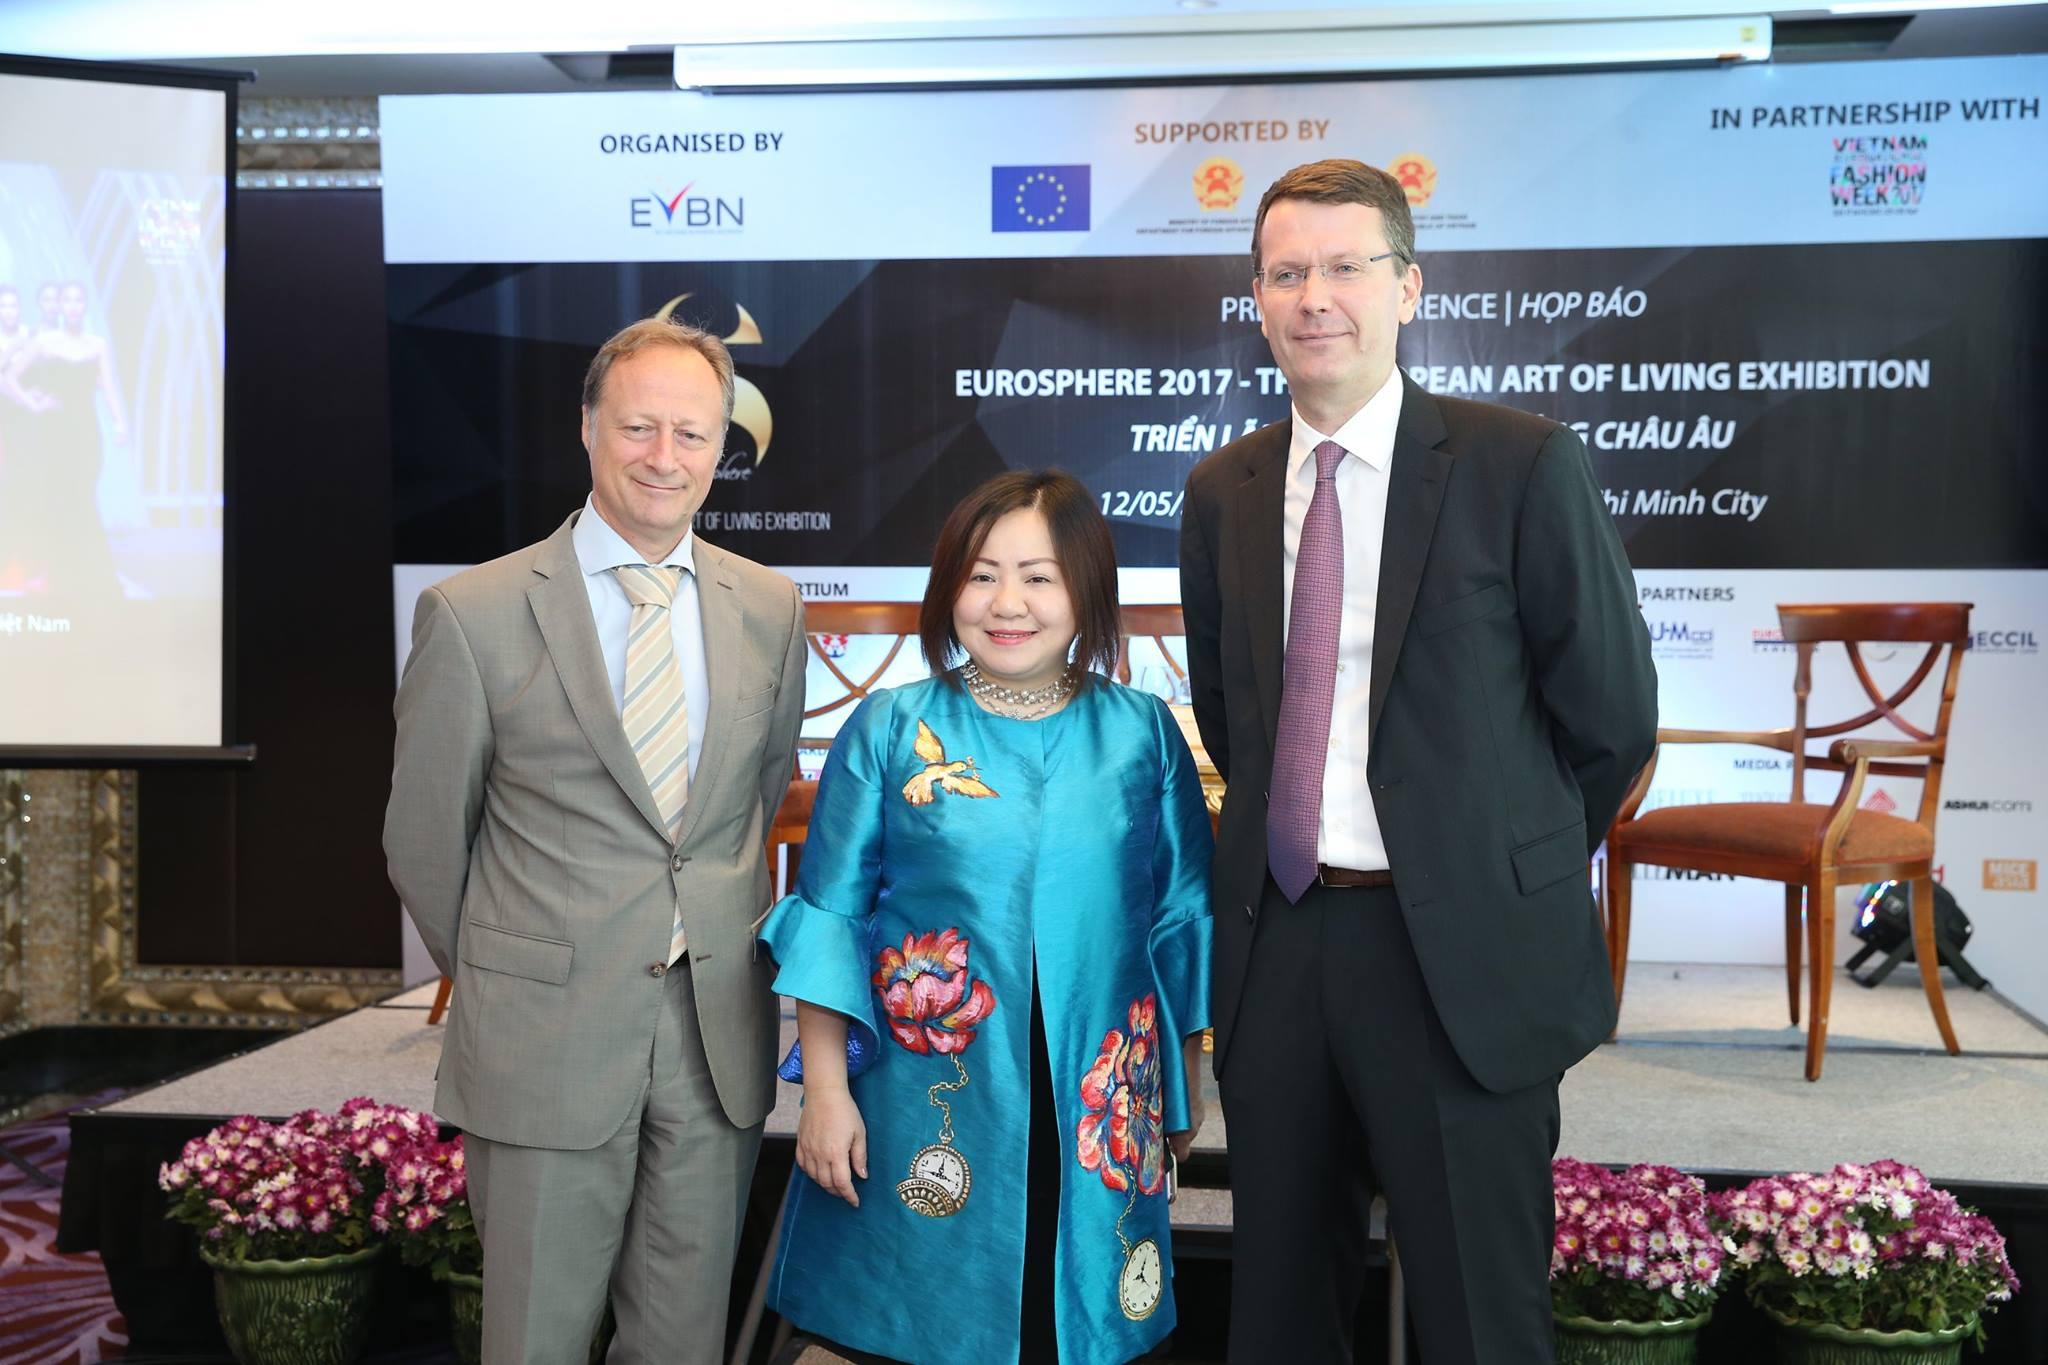 Ông Bruno Angelet, bà Trang Lê - Chủ tịch Tuần lễ Thời trang Quốc tế Việt Nam, và ông Pierre-Jean Malgouyres - Chủ tịch EVBN